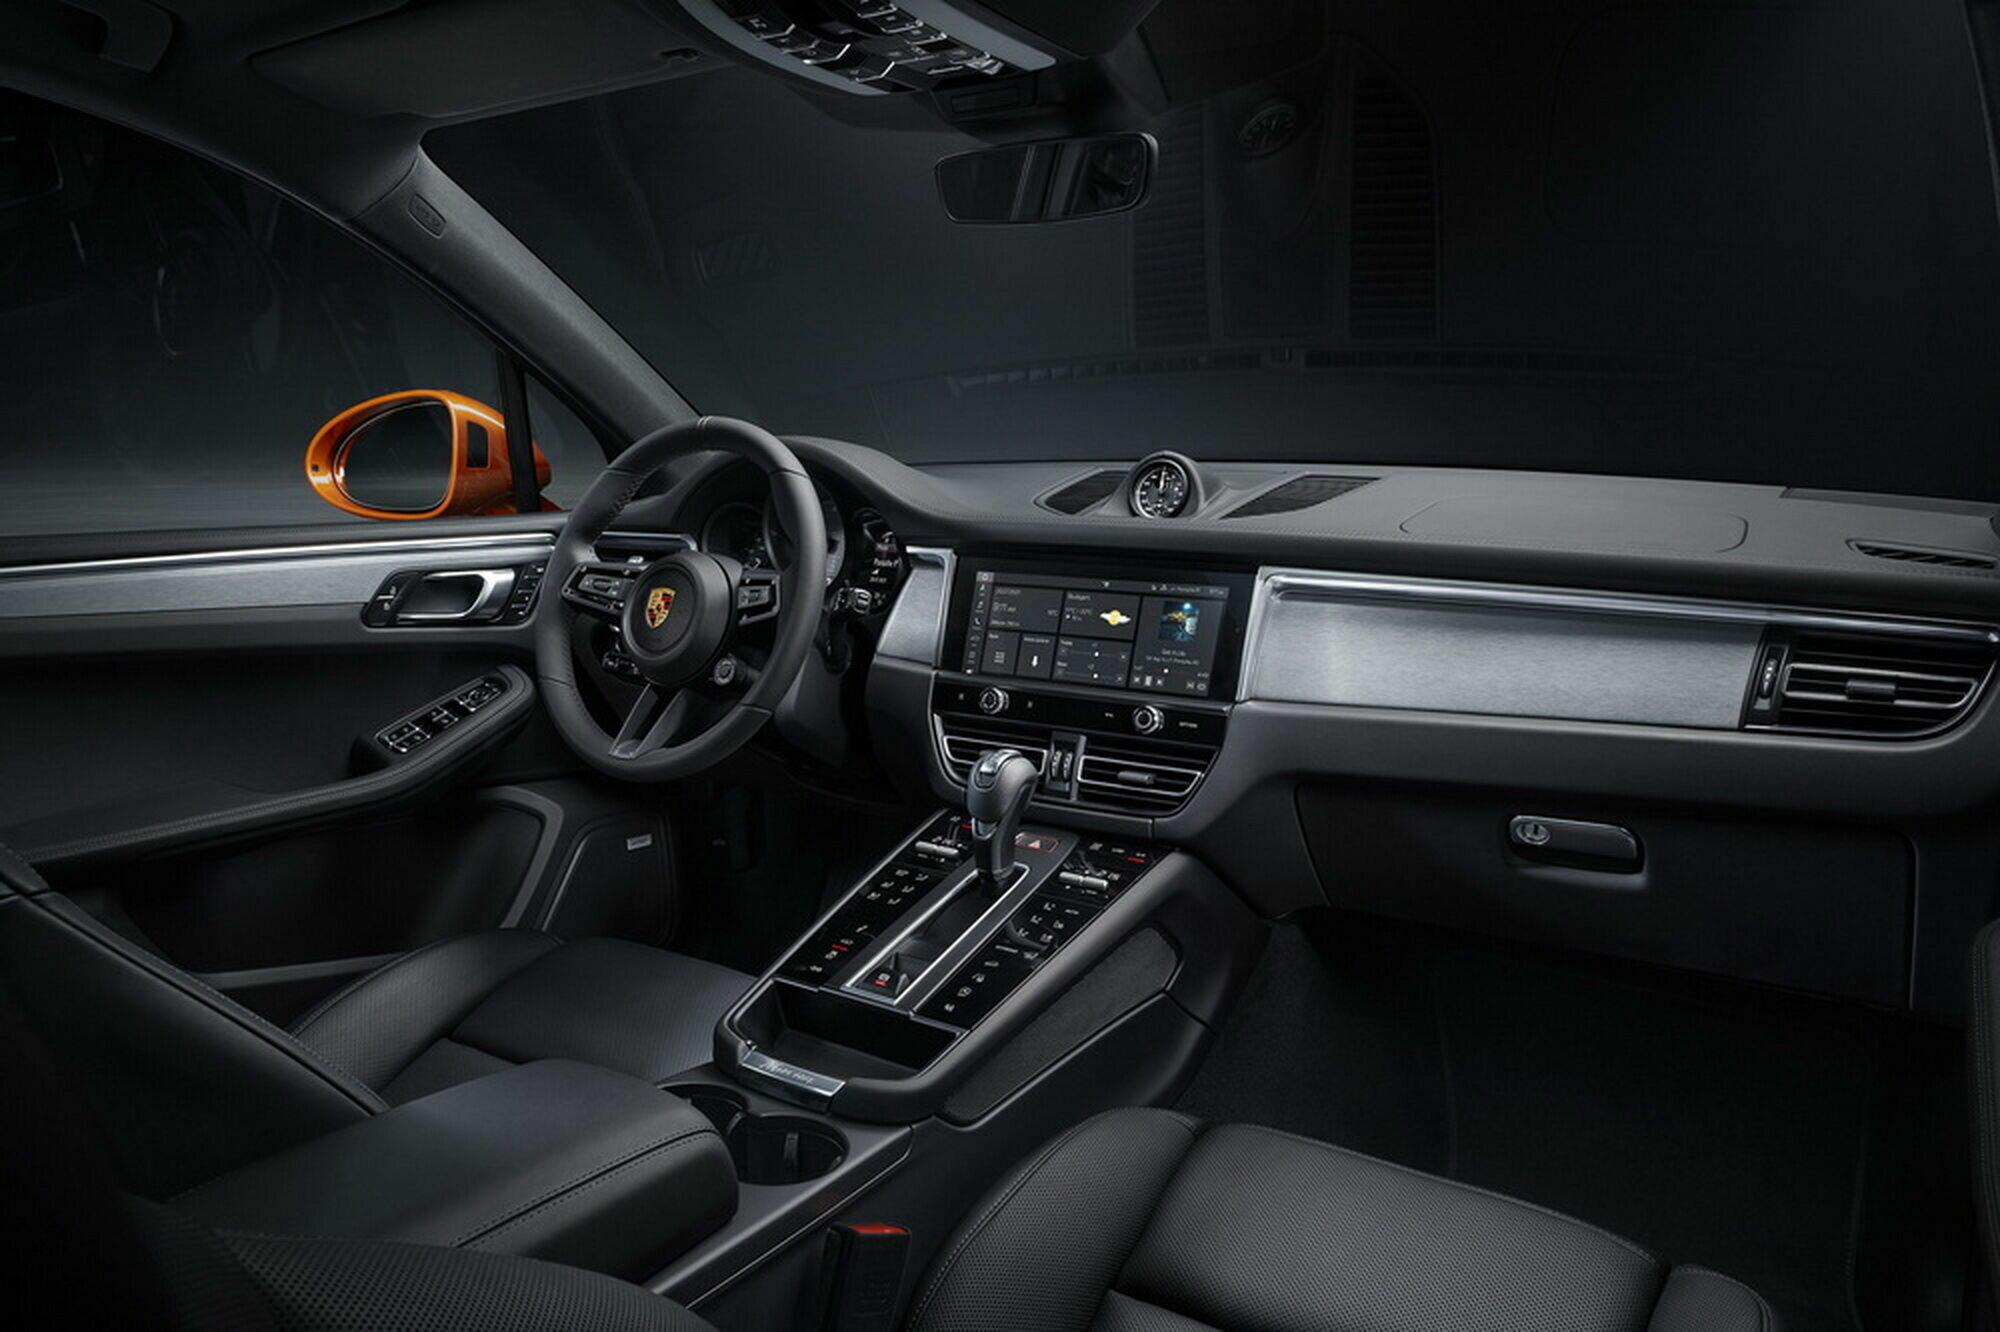 В салоне появился новый руль в стиле Porsche 911, а также новый центральный тоннель, на котором аналоговые кнопки уступили место сенсорным